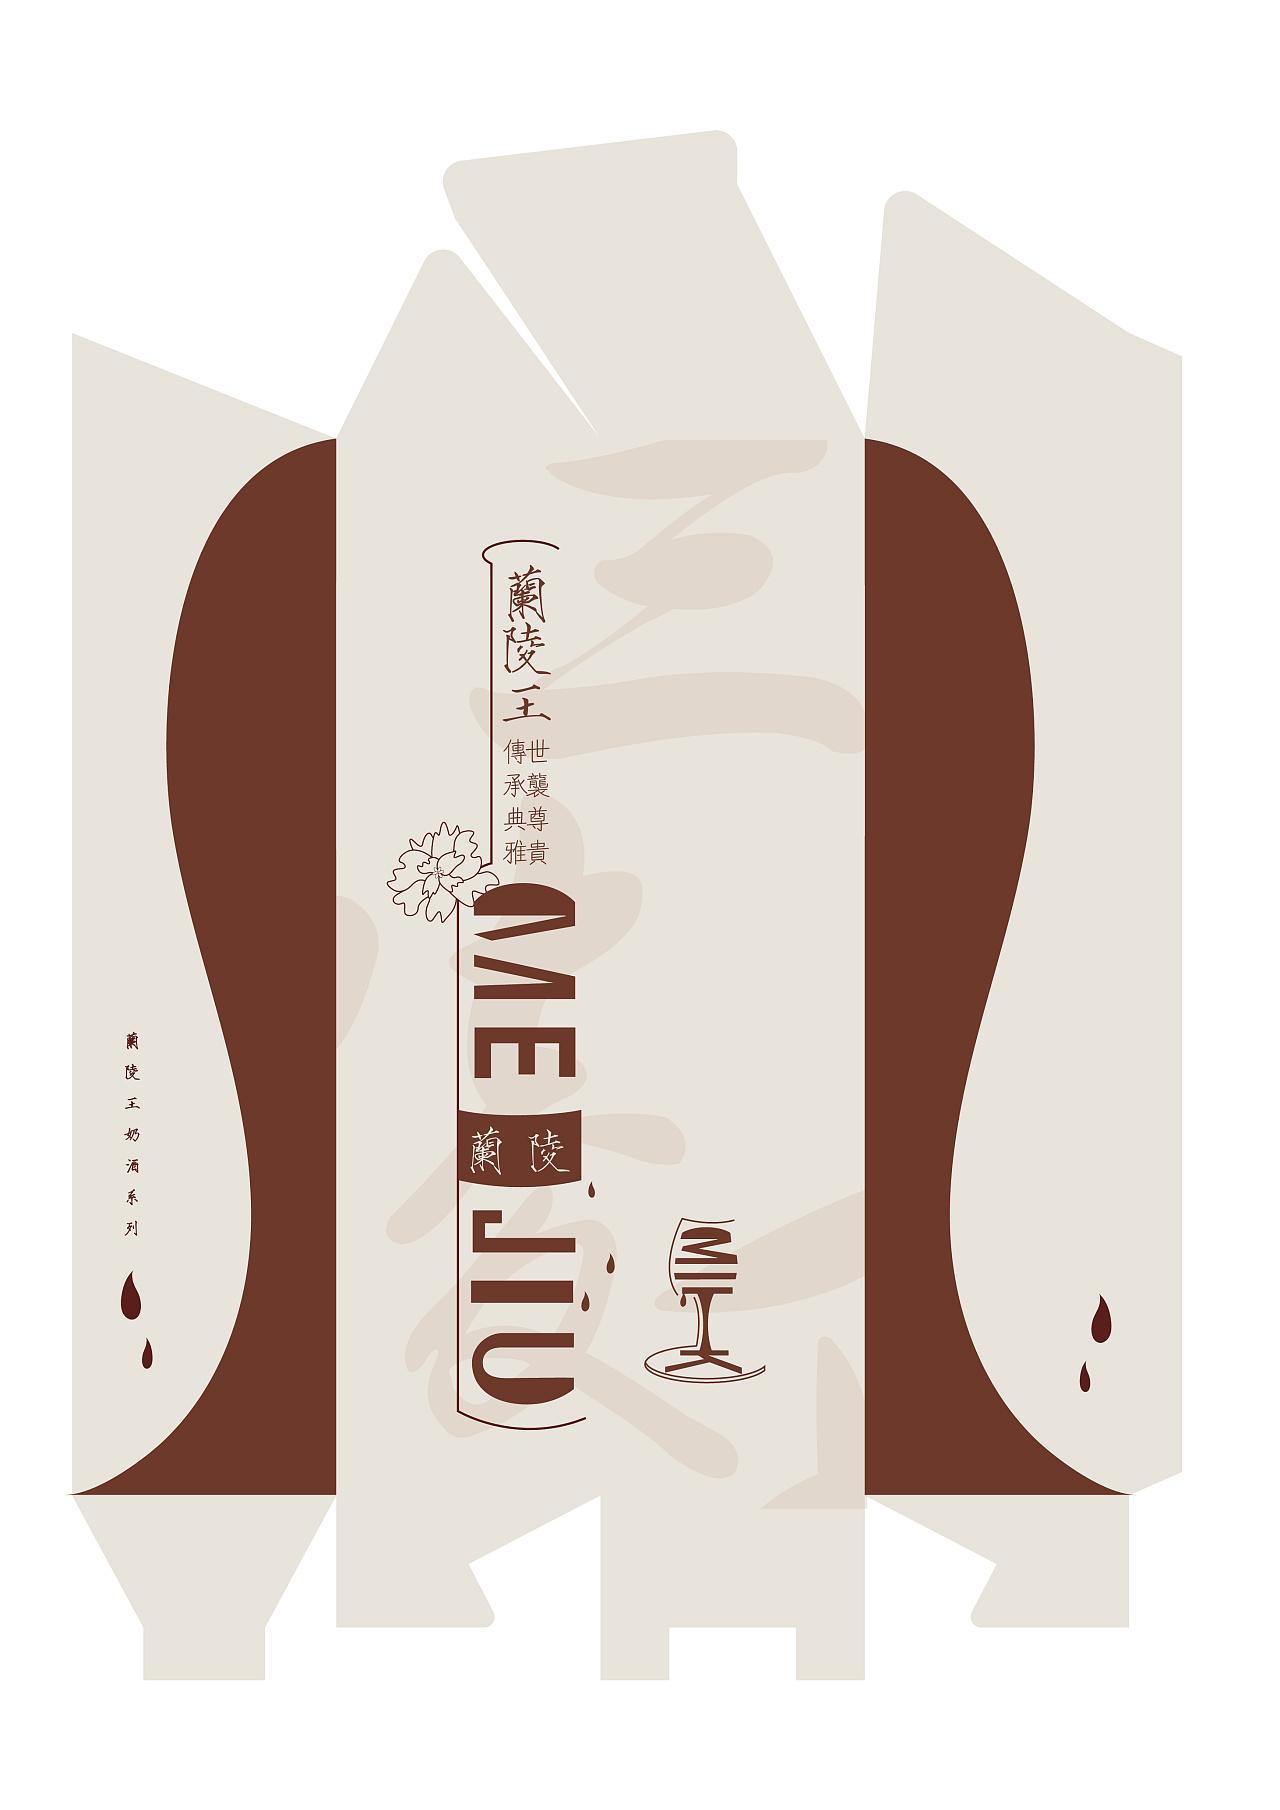 兰陵王折页包装设计及公司v折页上海规划设计美酒图片